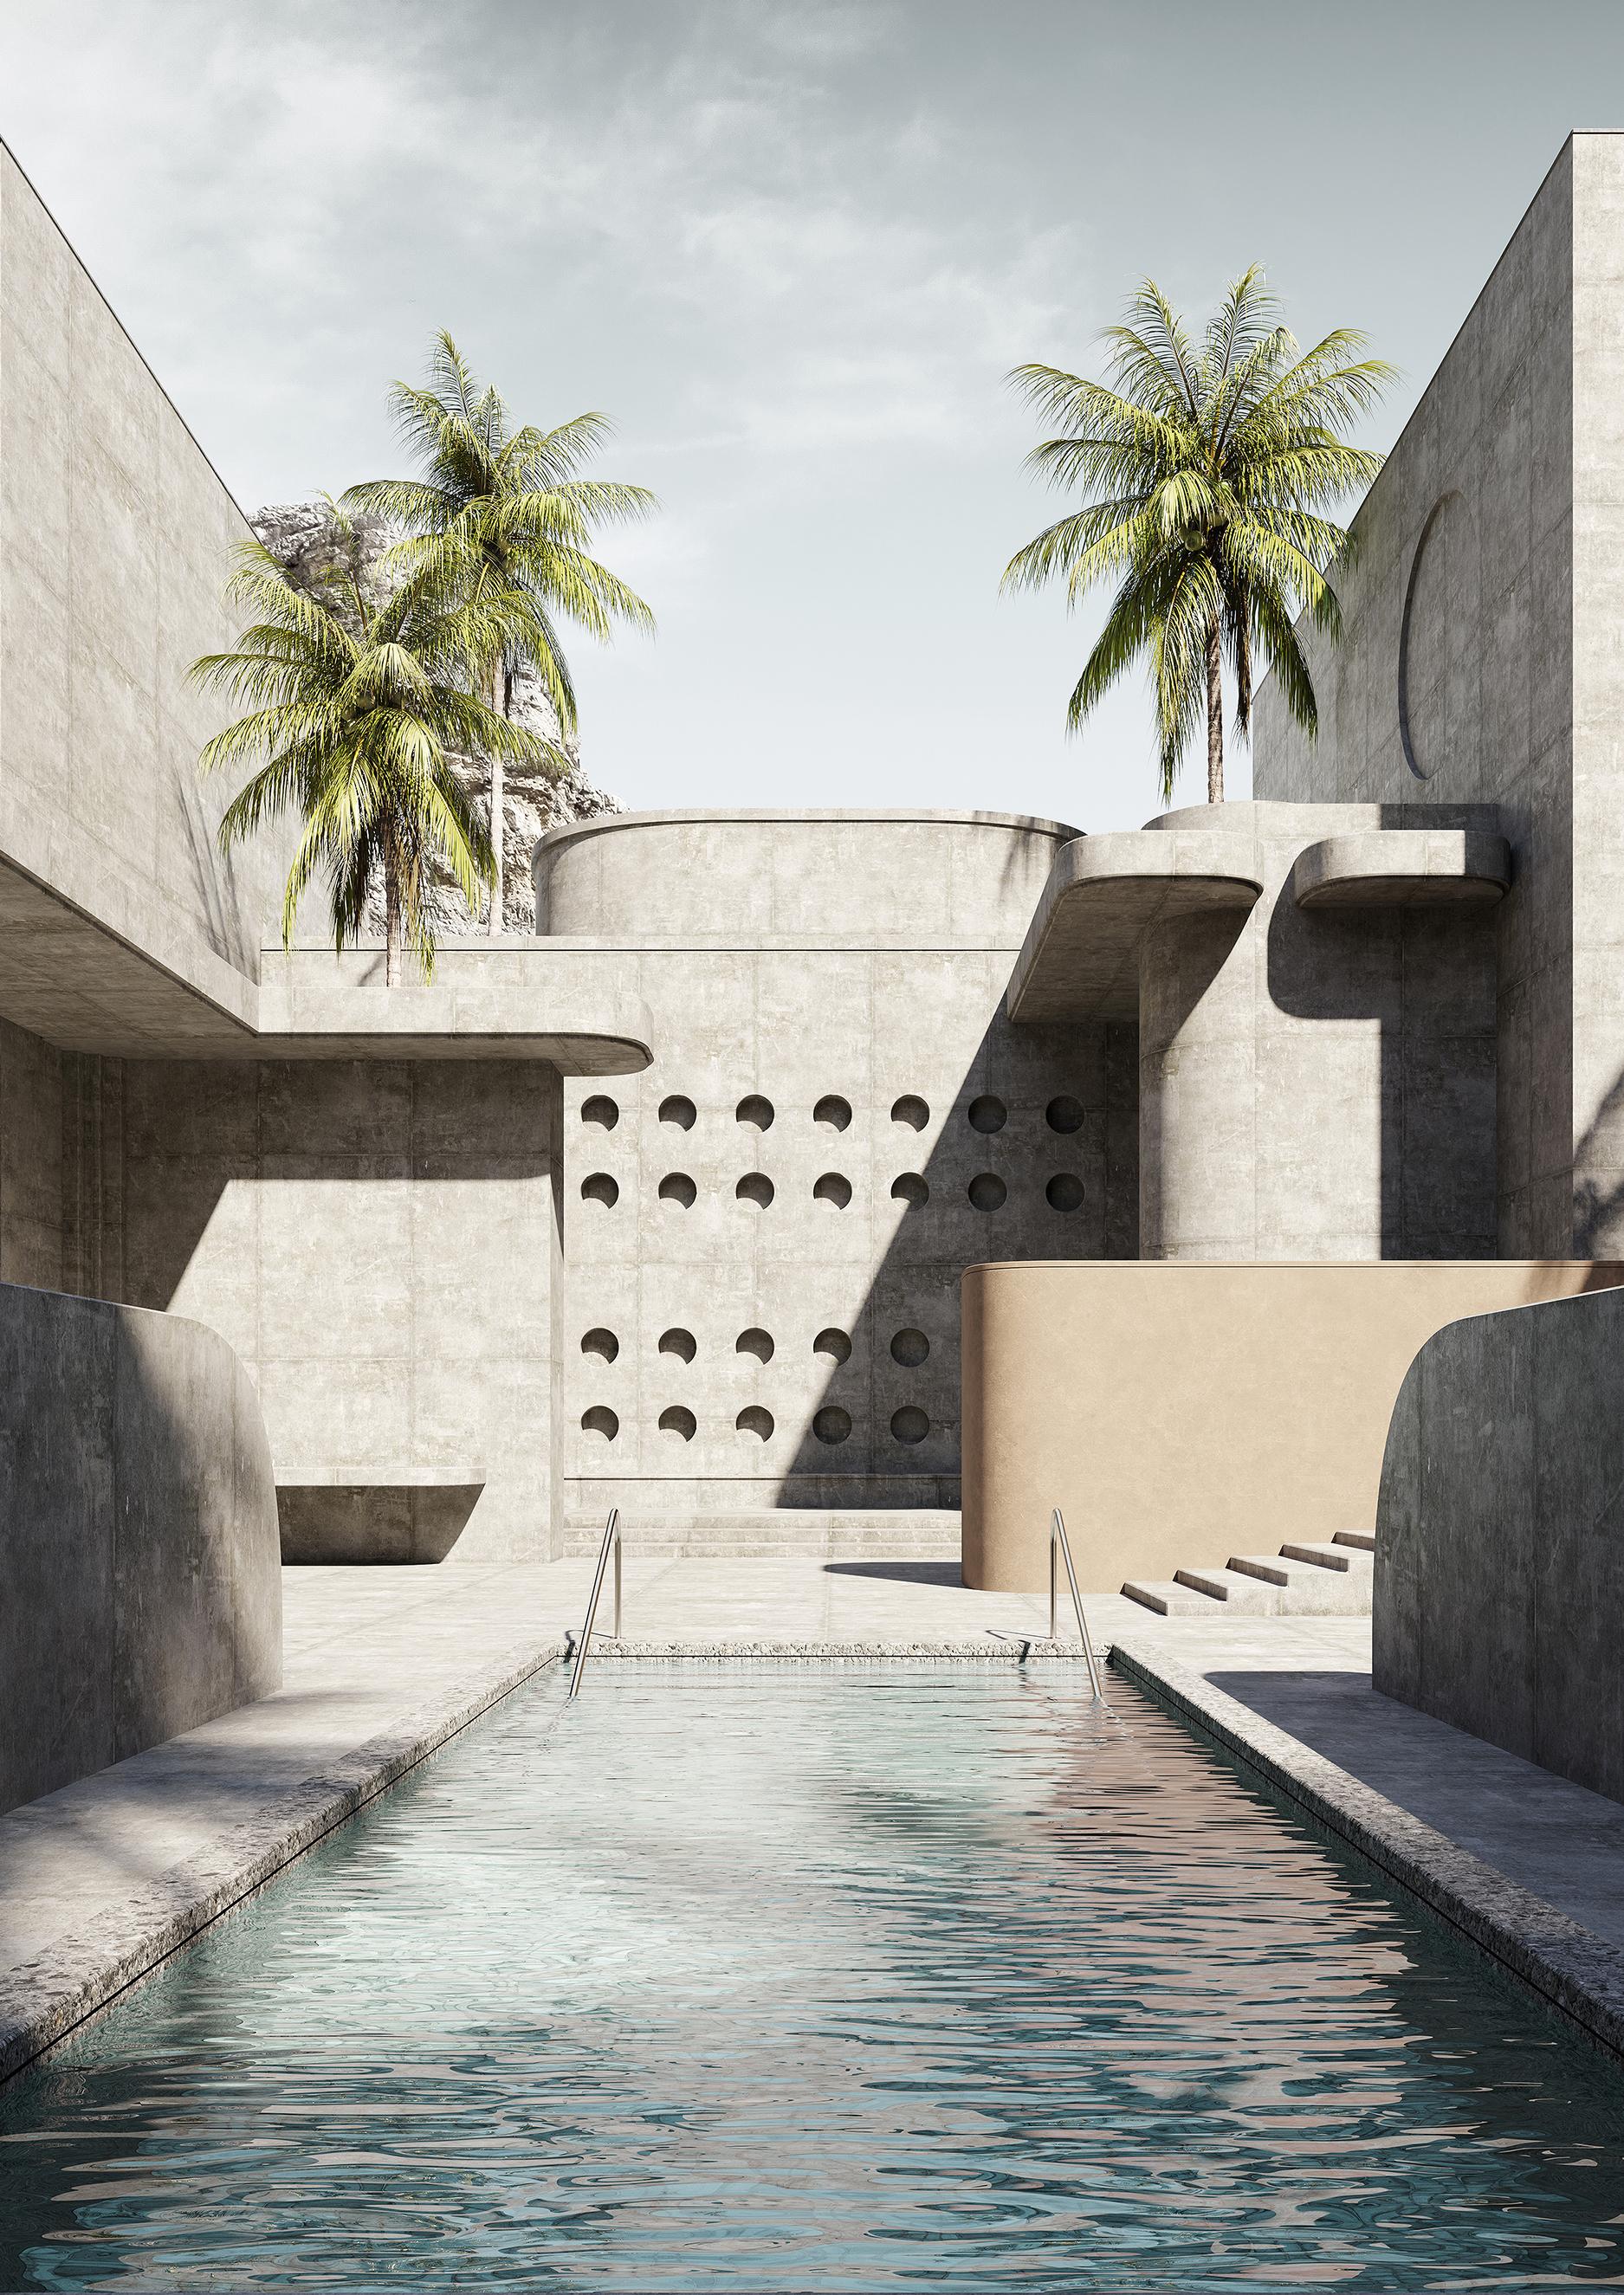 Concrete Pool_2_ORIGINAL_900points_wide